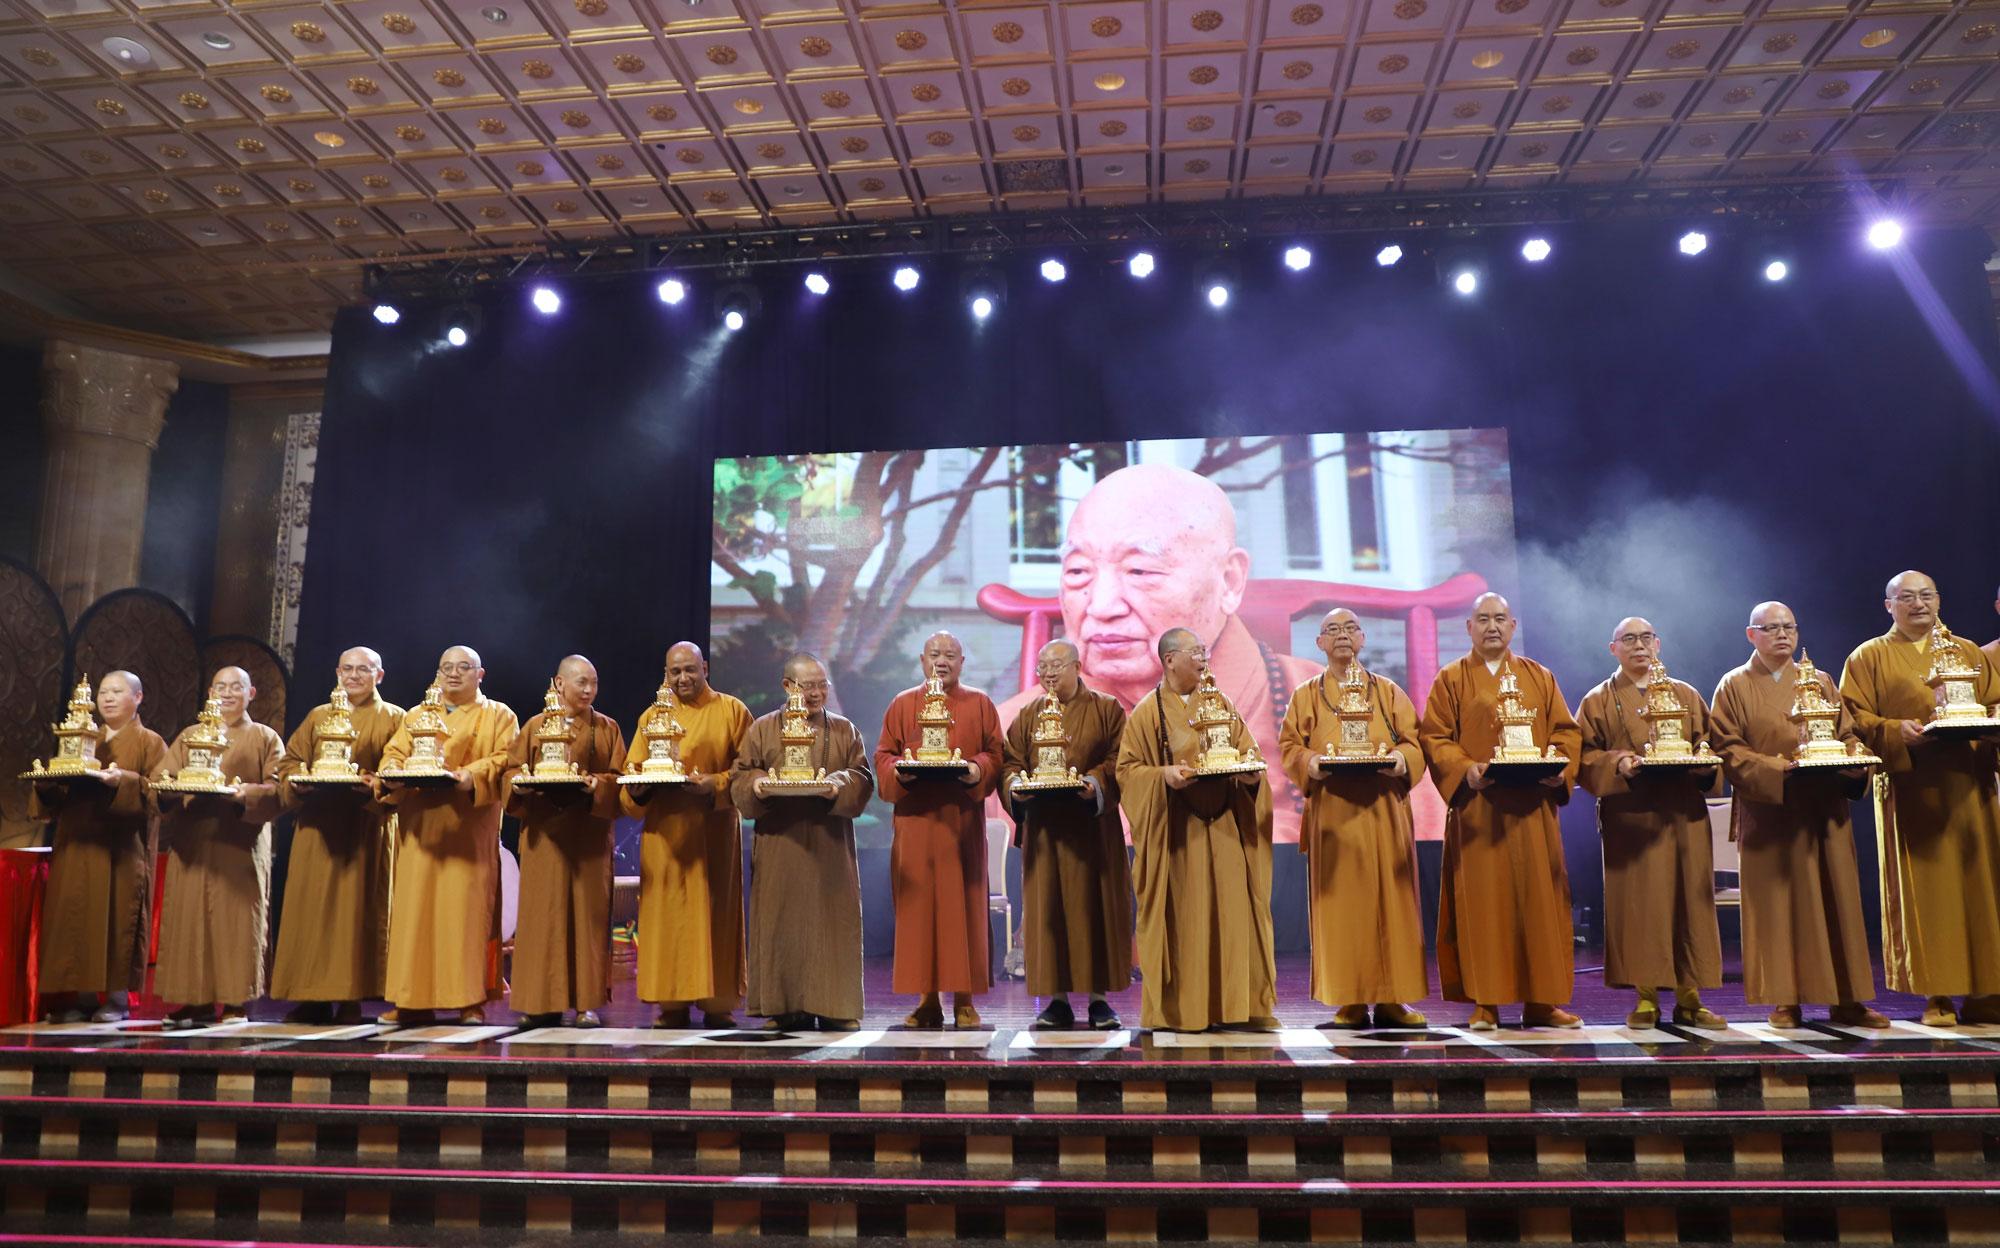 加國五臺山大雄寶殿落成佛像開光大典歡迎晚宴在加拿大舉行